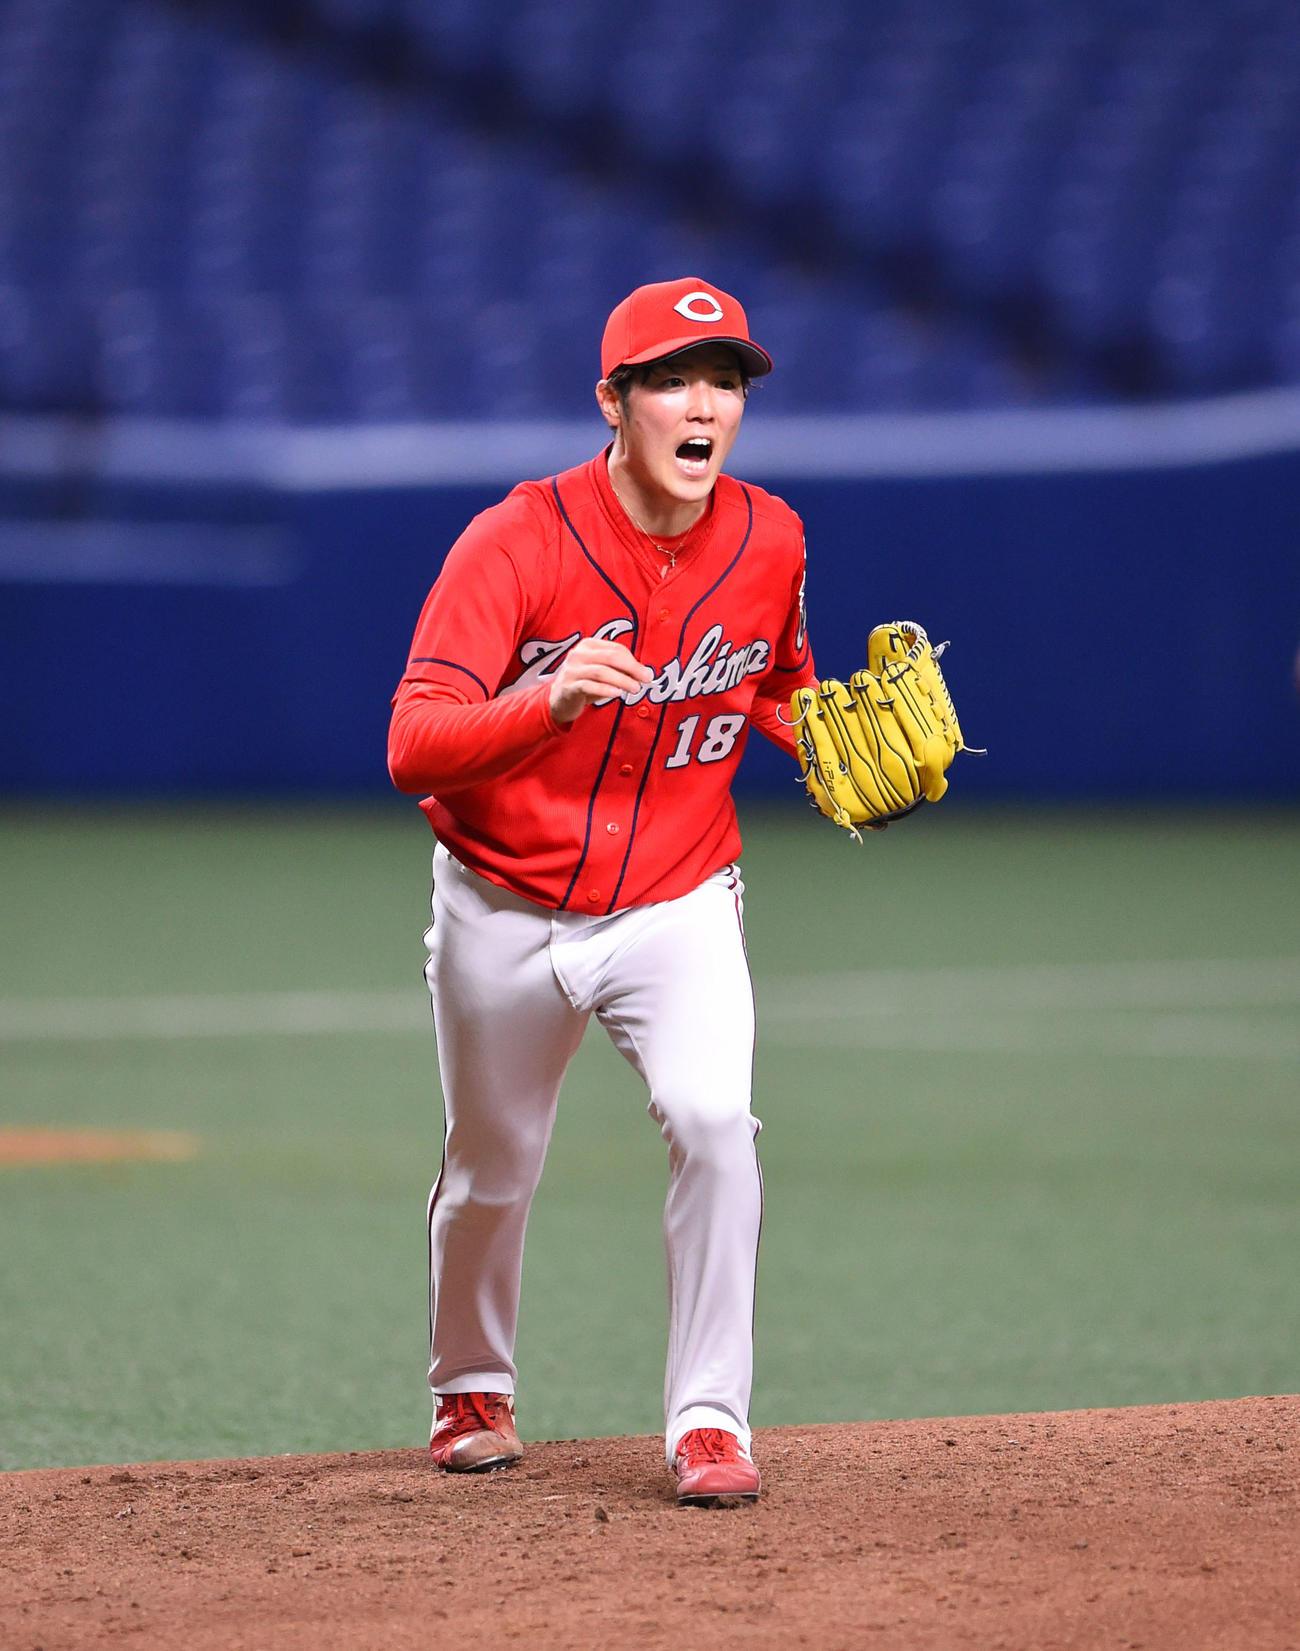 プロ野球中日対広島 3回裏、打球を指示する広島先発の森下暢仁(撮影・森本幸一)